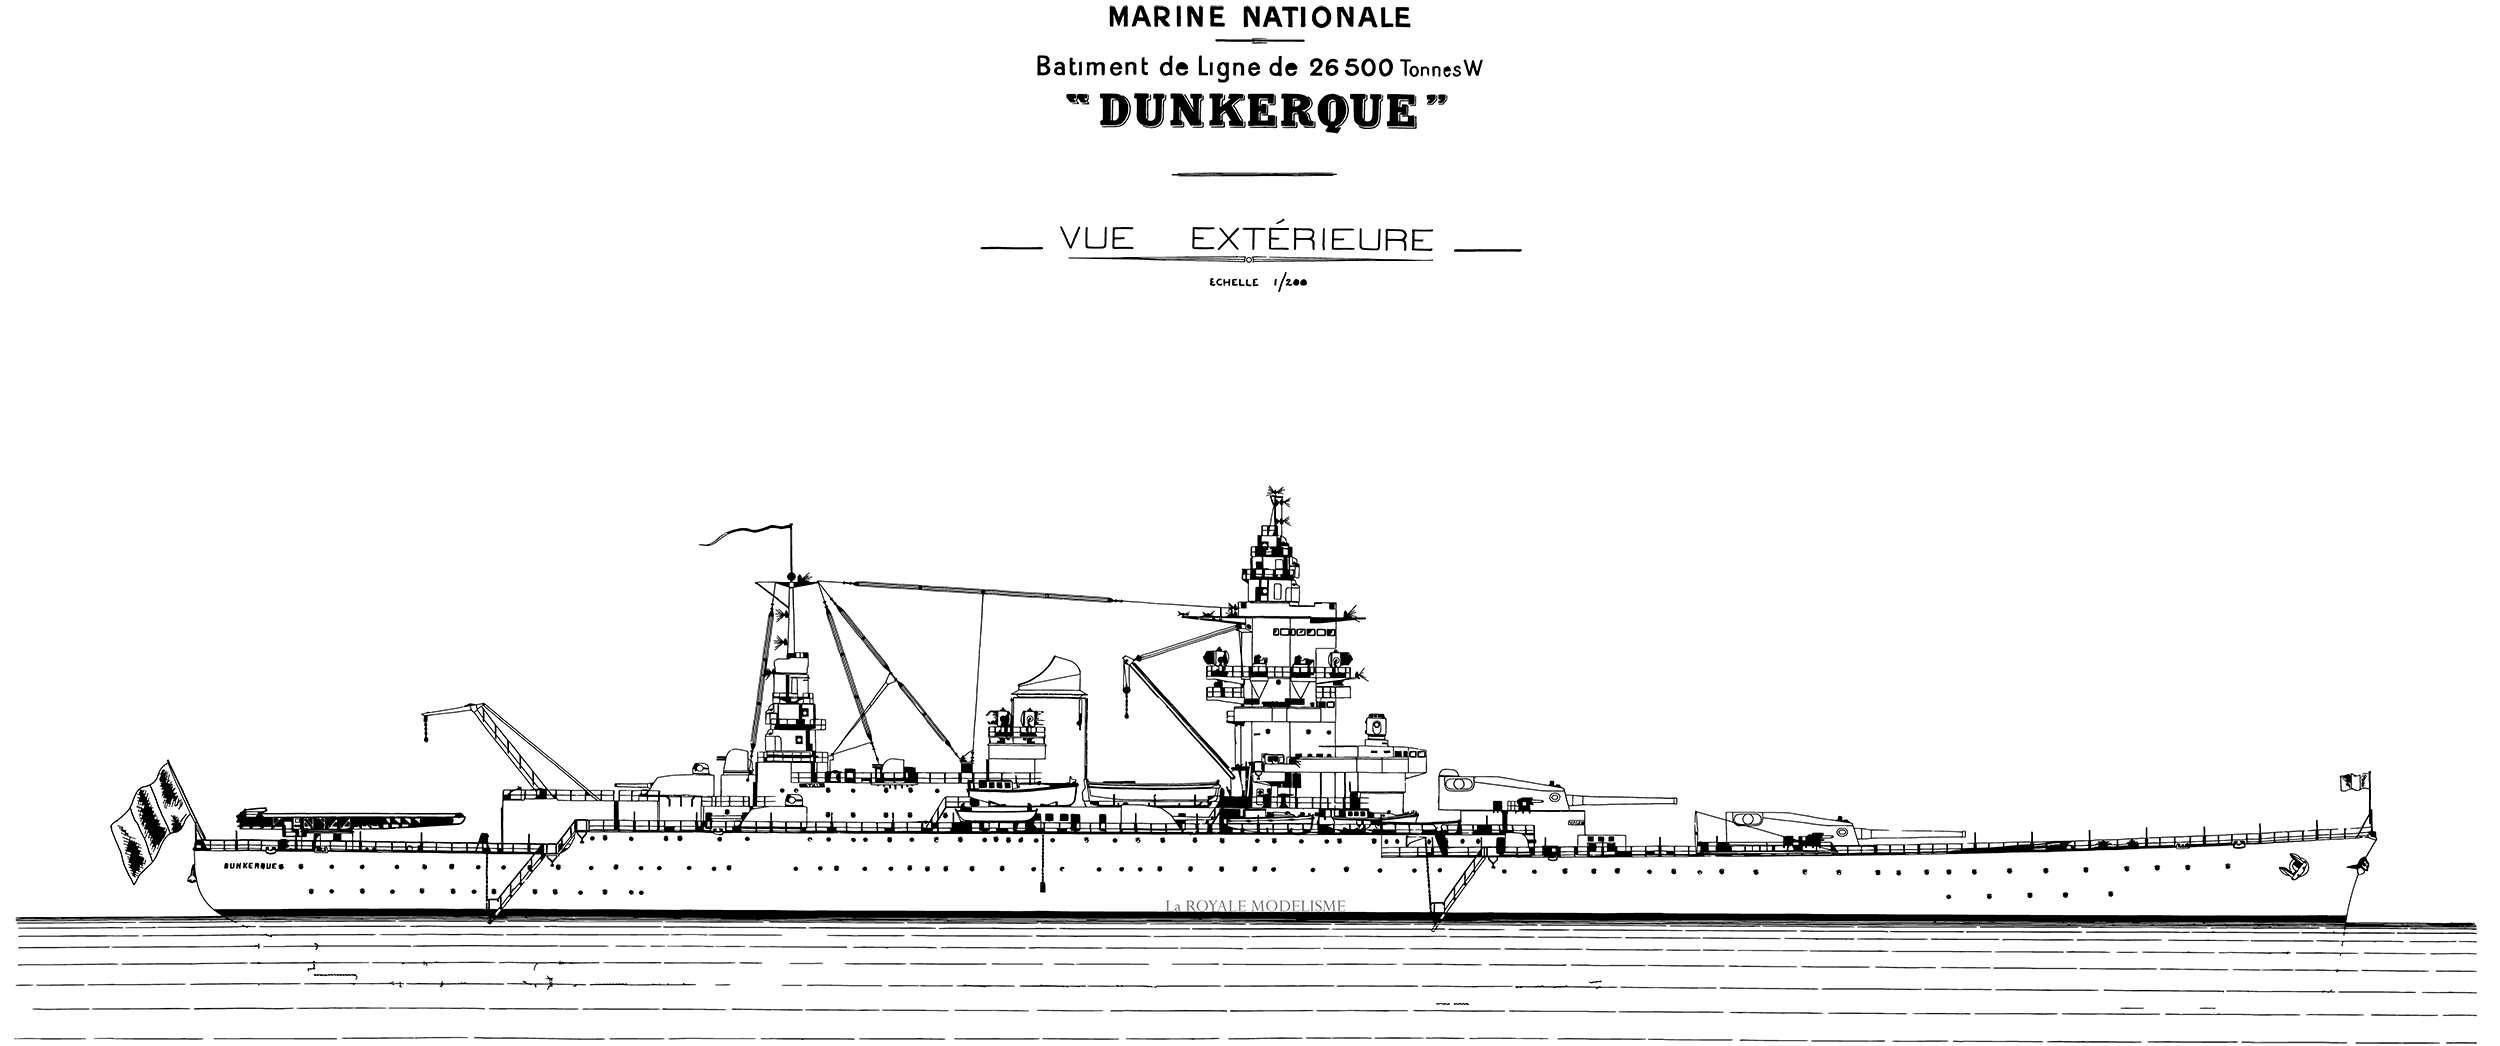 DUNKERQUE [1939] 1/350 HobbyBoss + pont en bois artwox - Page 3 Dunker59